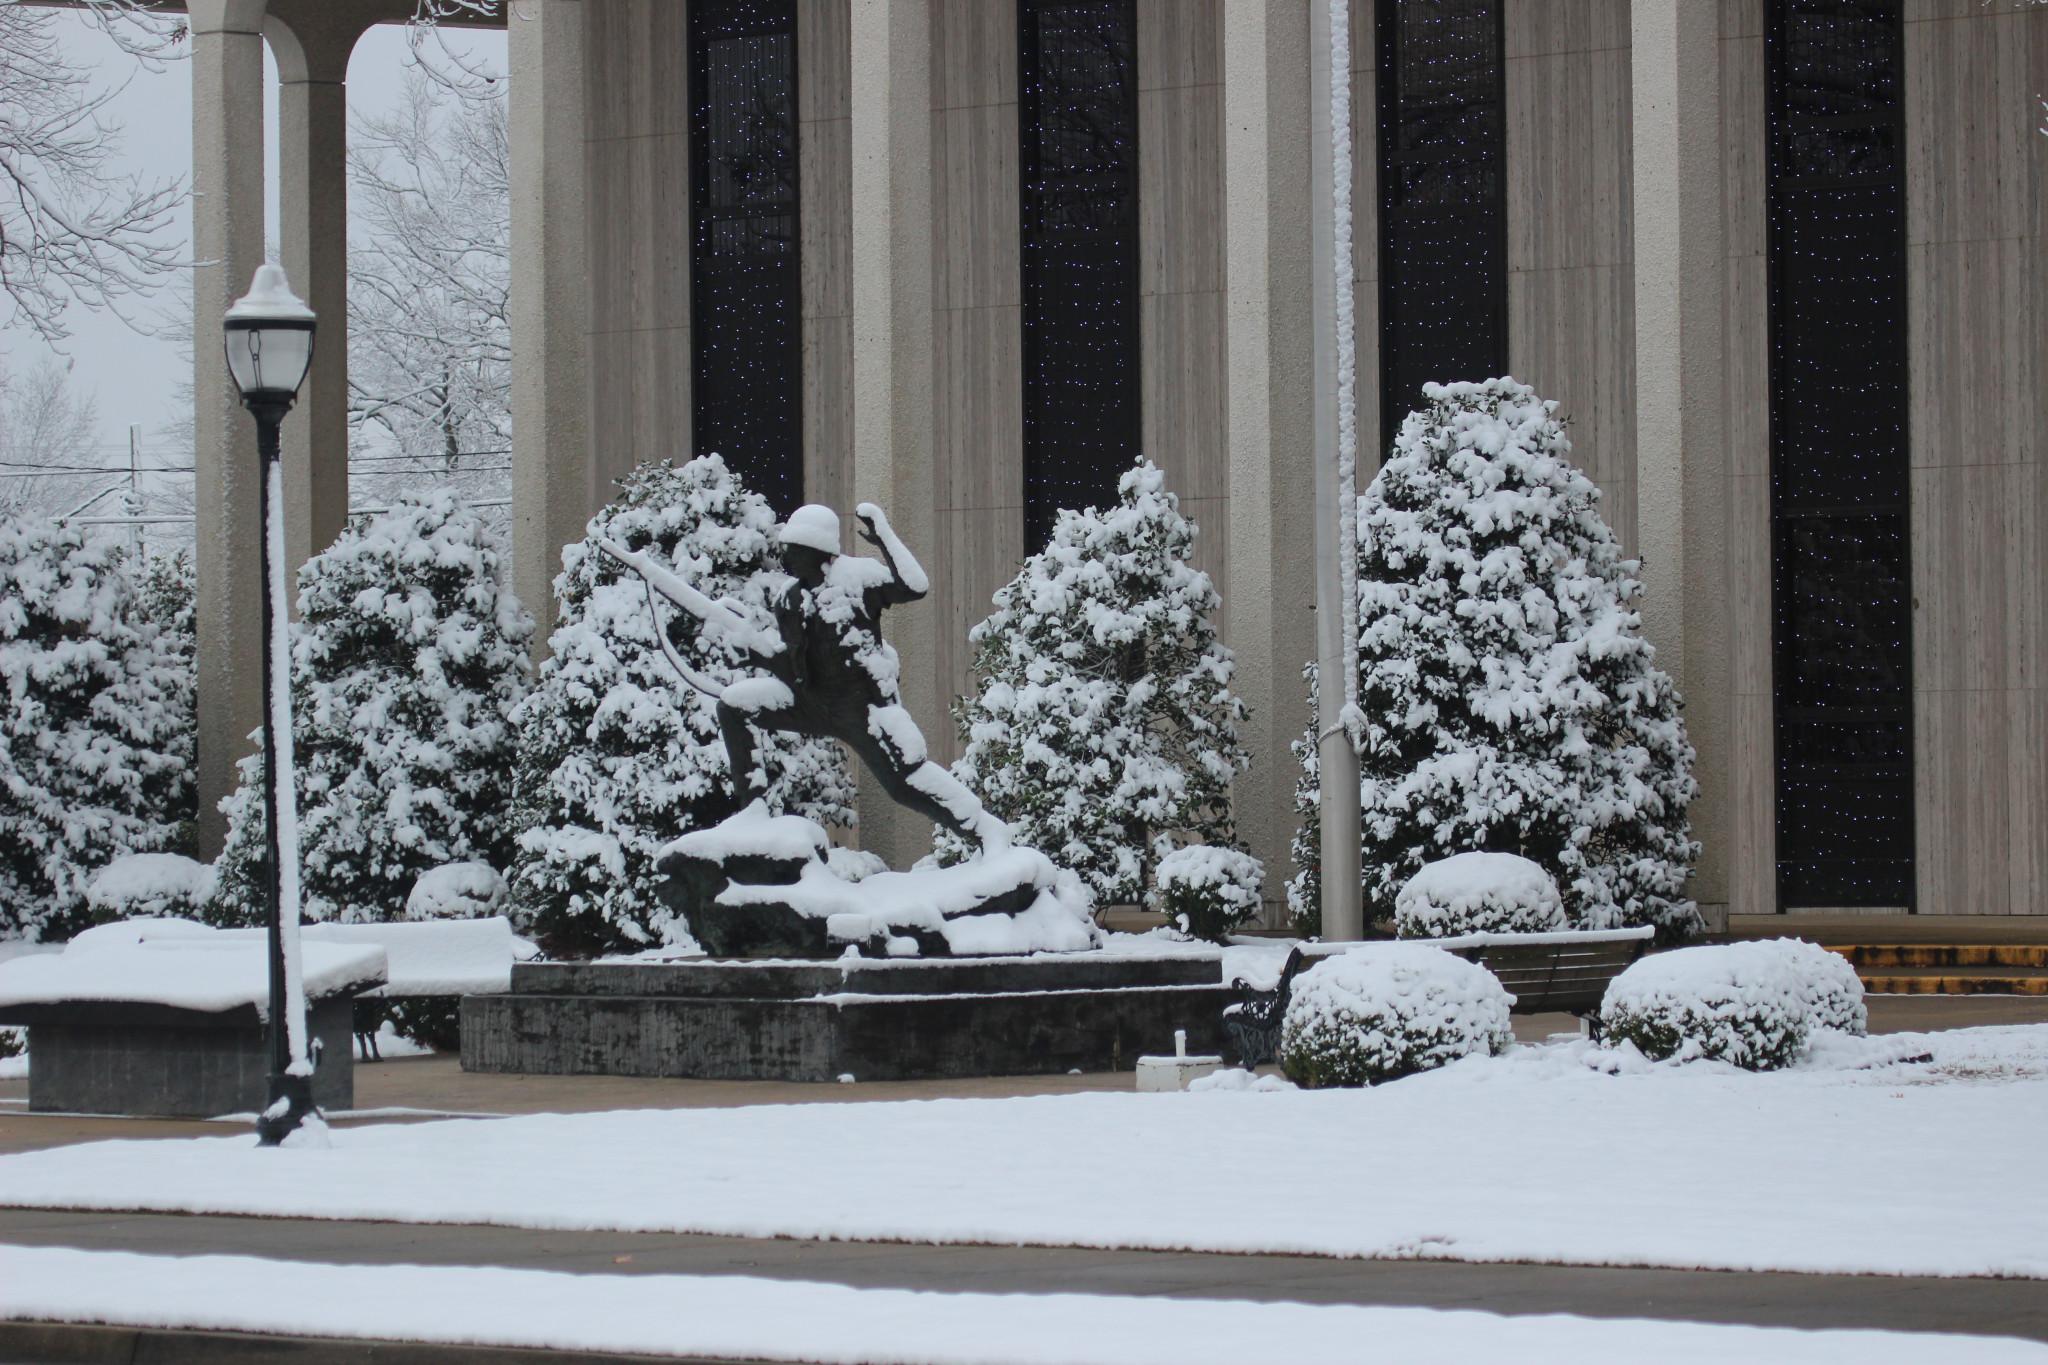 The POW-MIA statue at Ruston City Hall - Leader photo by T. Scott Boatright